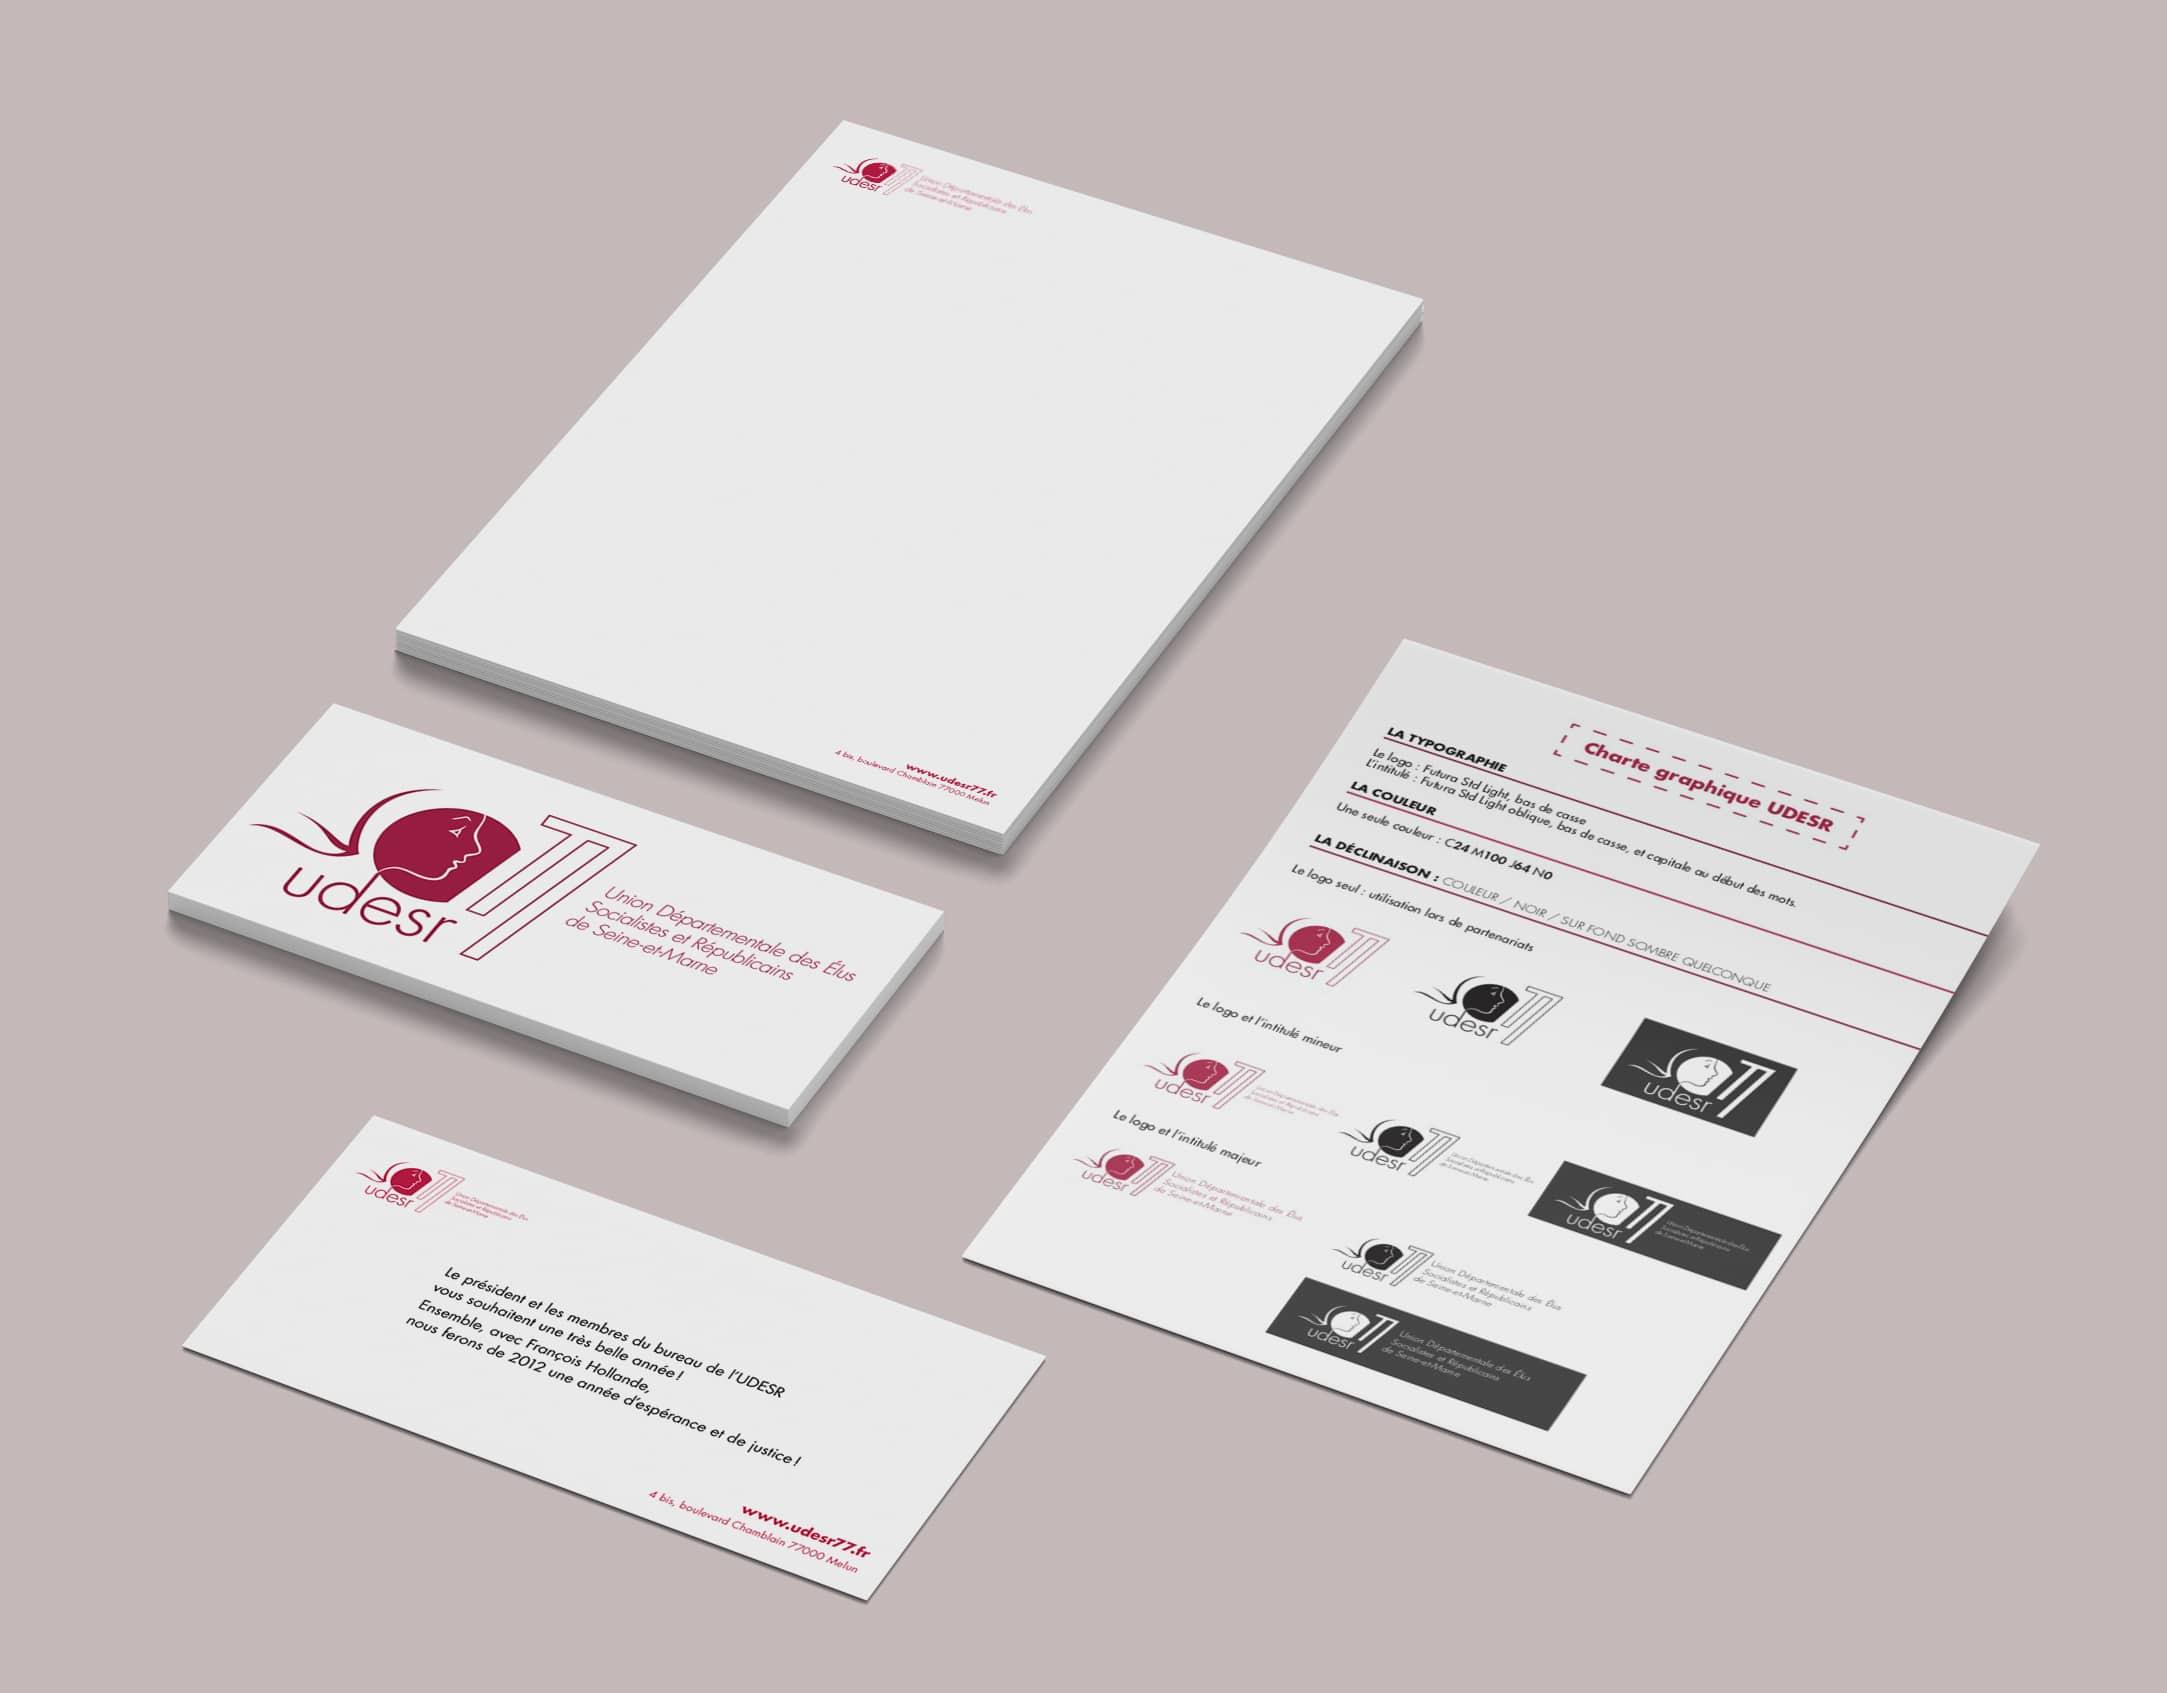 Création de logos, identité visuelle, carte de visite